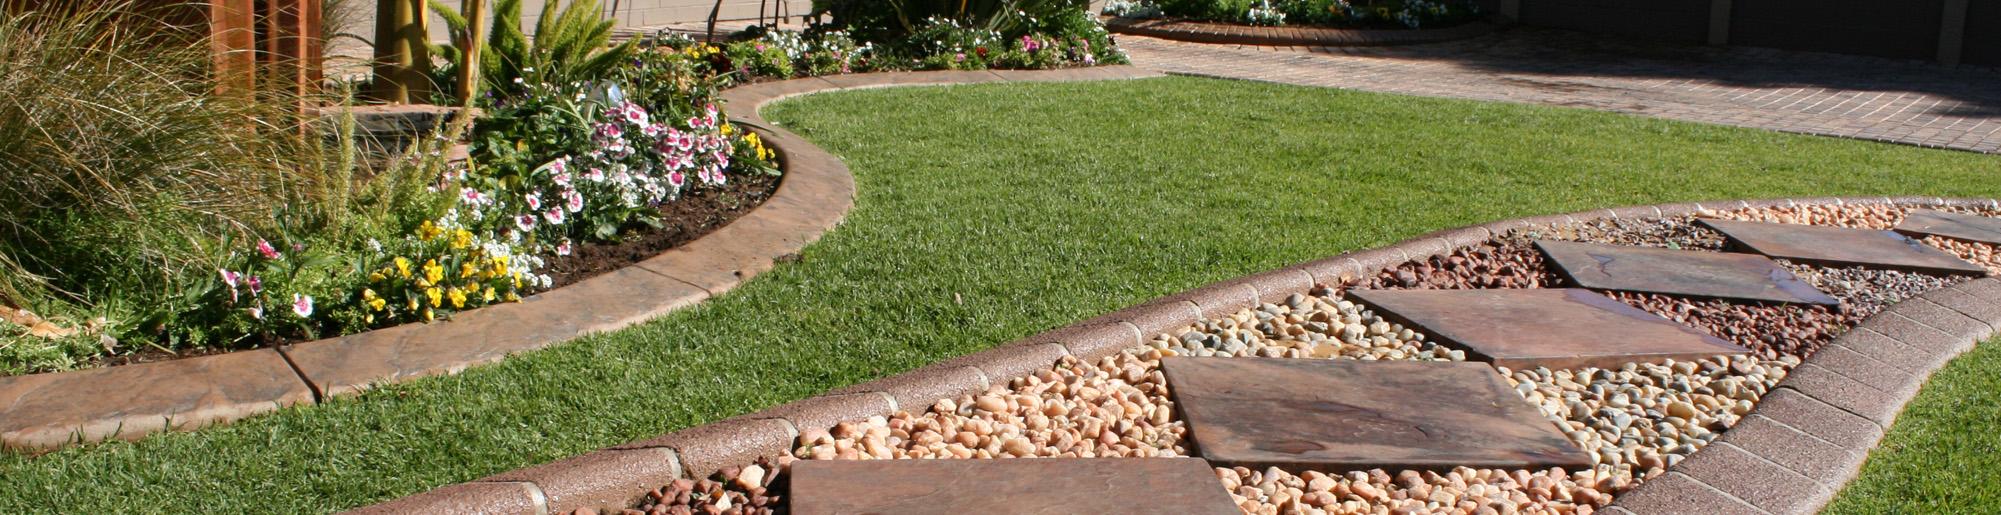 Kwik Kerb - Design continuous free form concrete landscape edging by kwik kerb